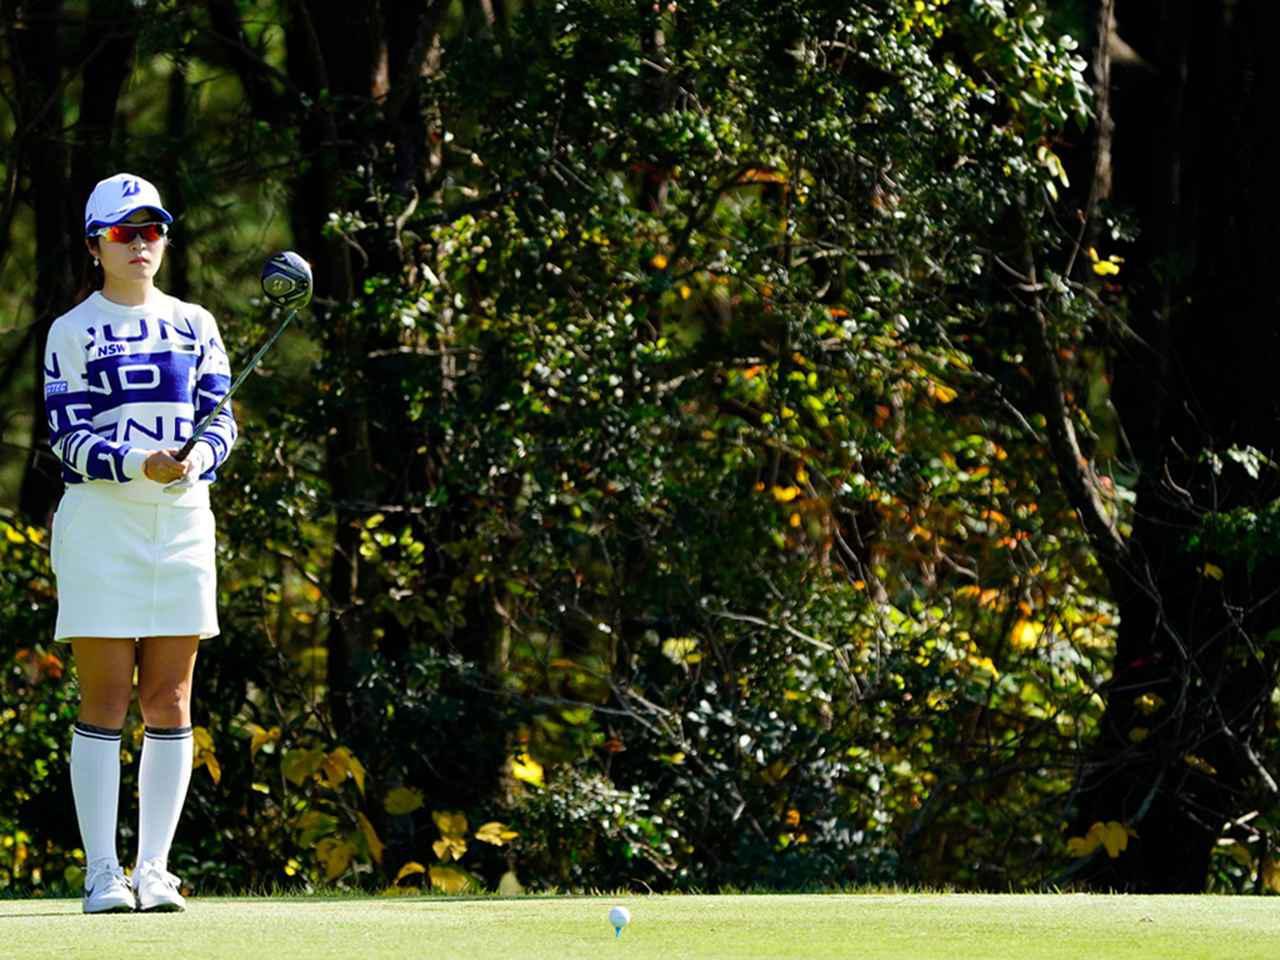 """画像12: 【プレショットルーティン調査】女子プロゴルファー上位32人をチェック! 2タイプに分かれた""""アドレスの入り方"""""""